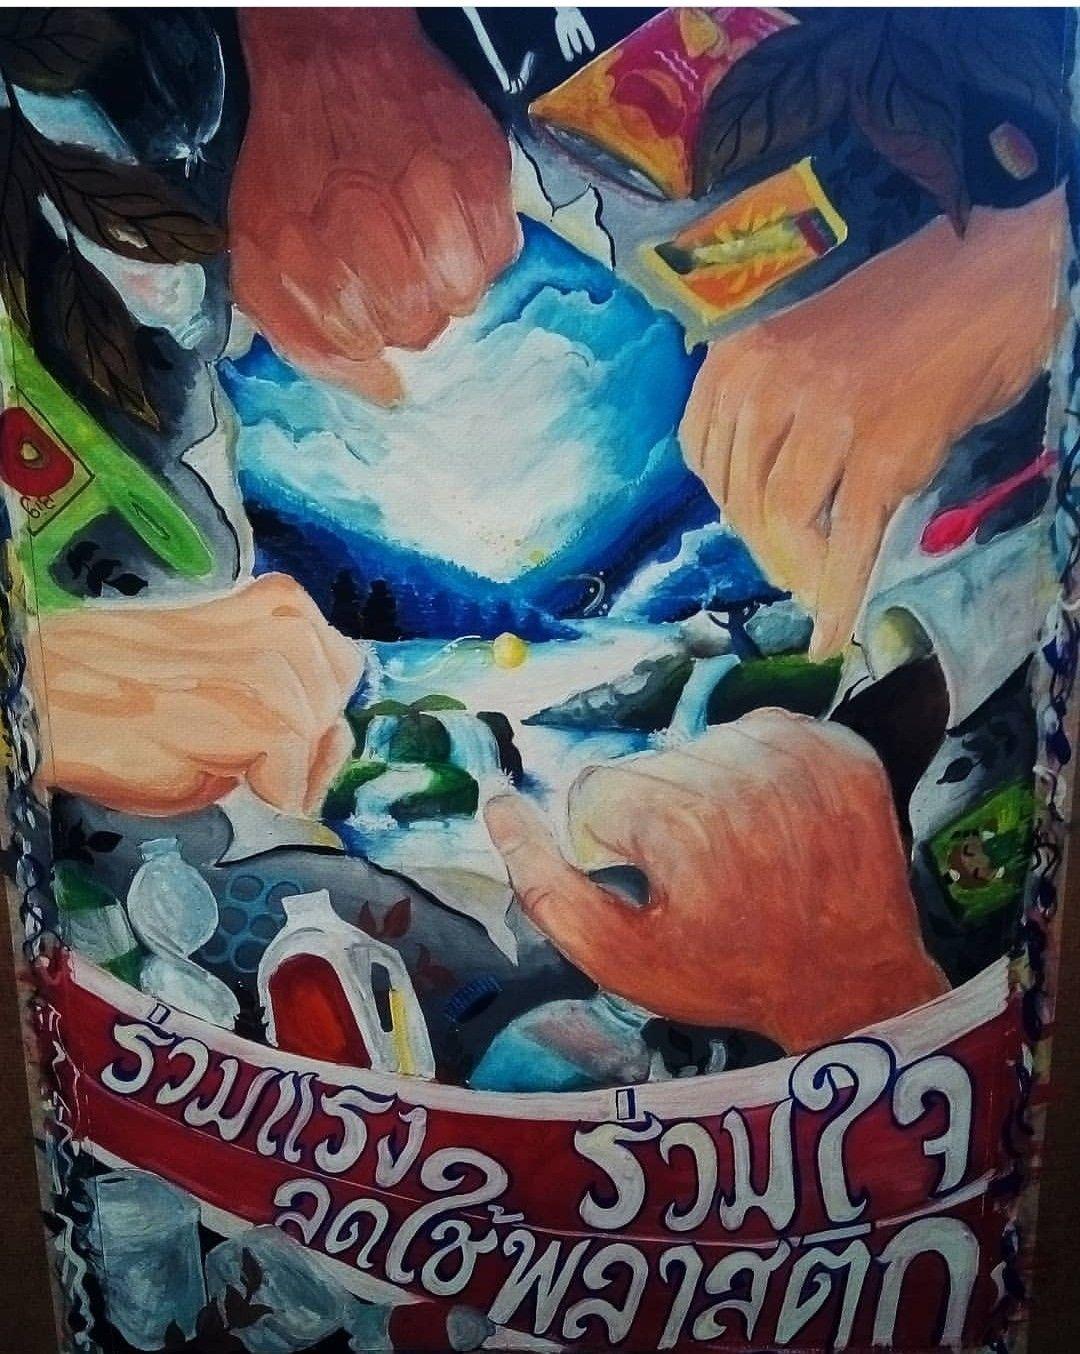 ลดภาวะโลกร อน ภาพวาด วอลเปเปอร ส งแวดล อม